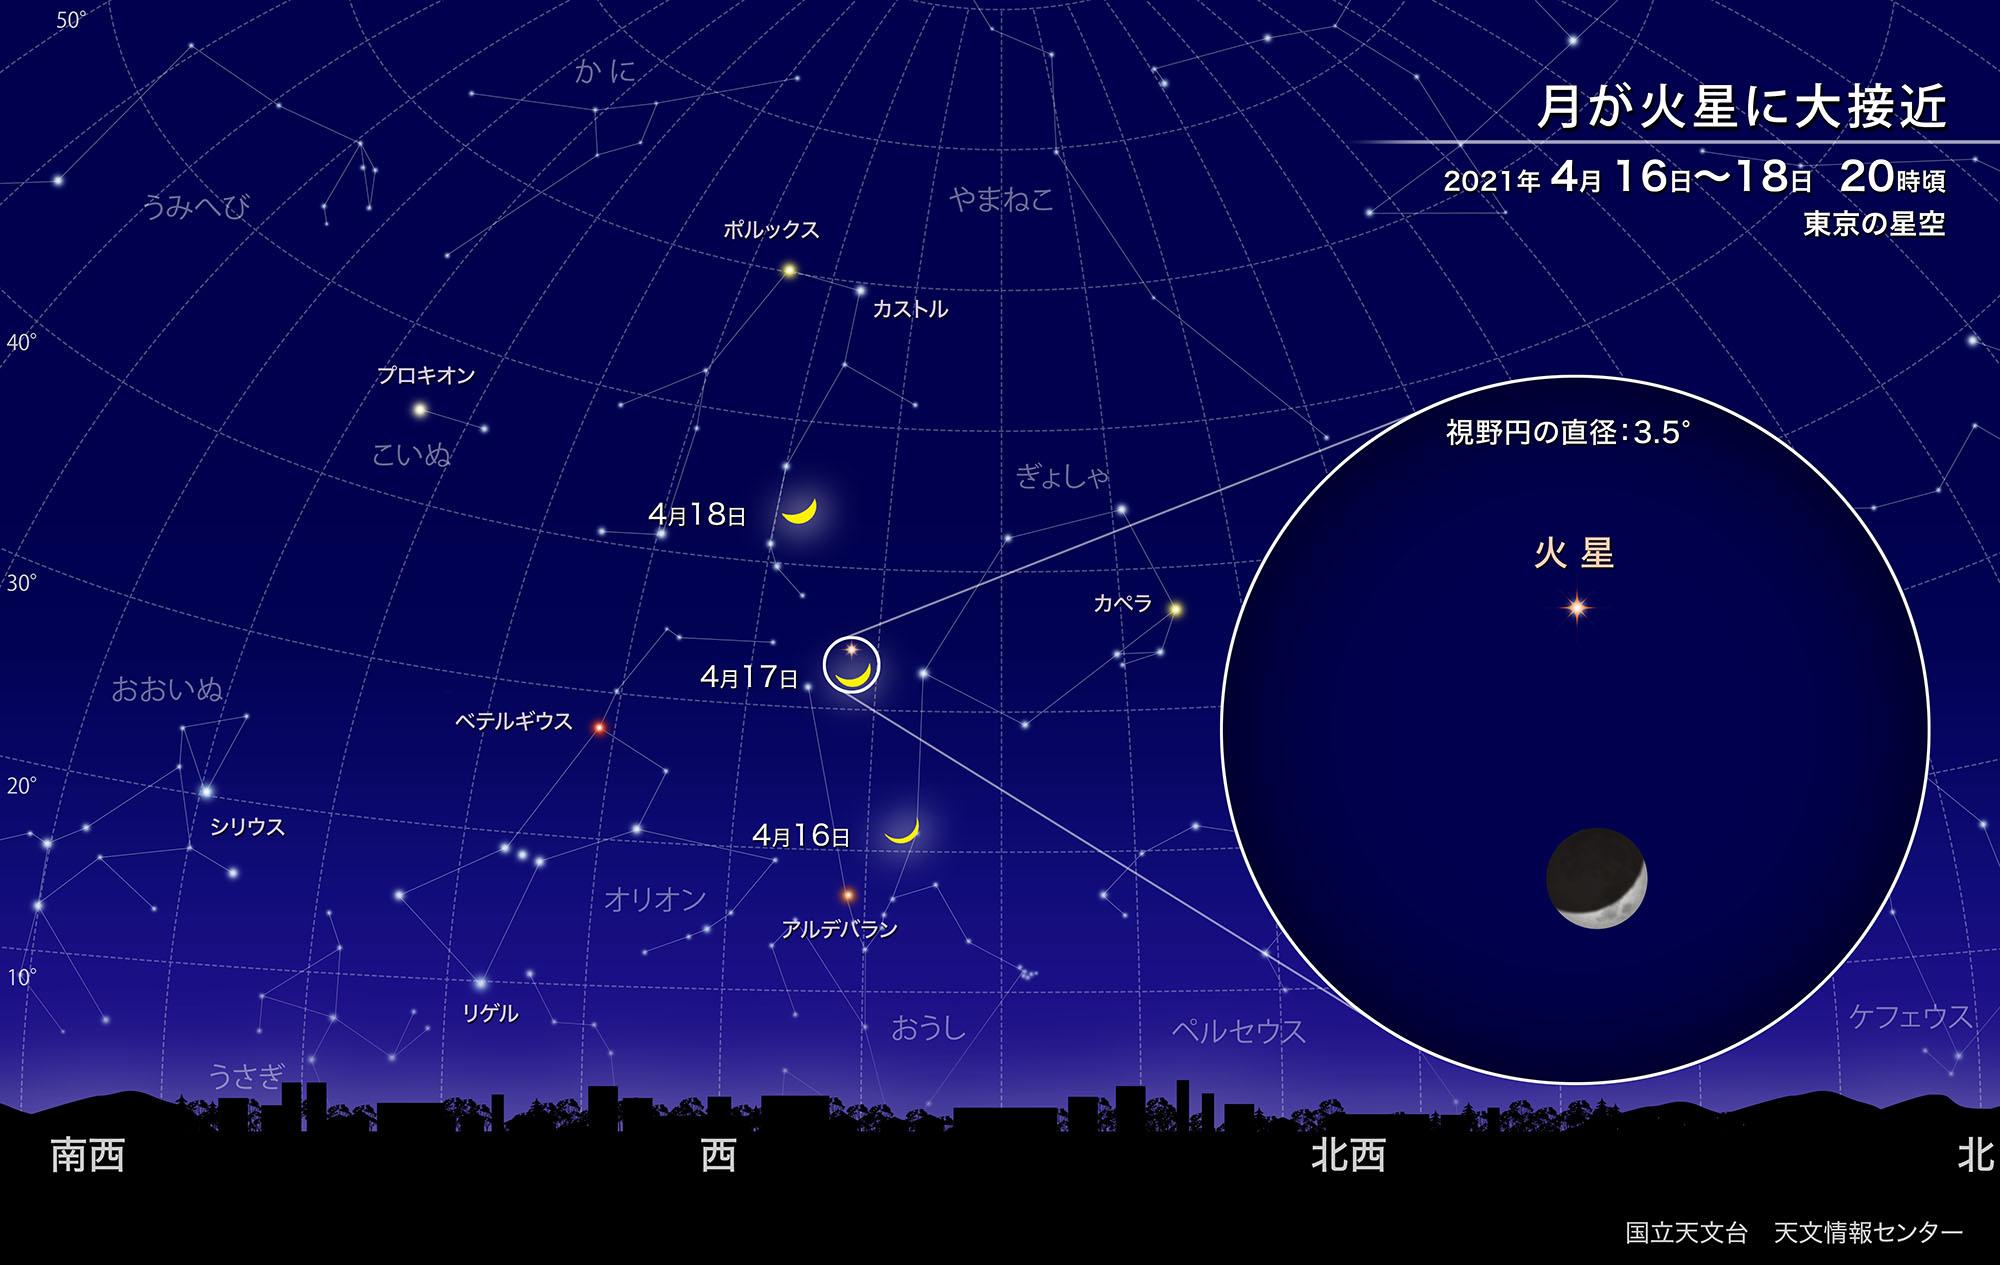 月が火星に大接近(2021年4月) | 国立天文台(NAOJ)